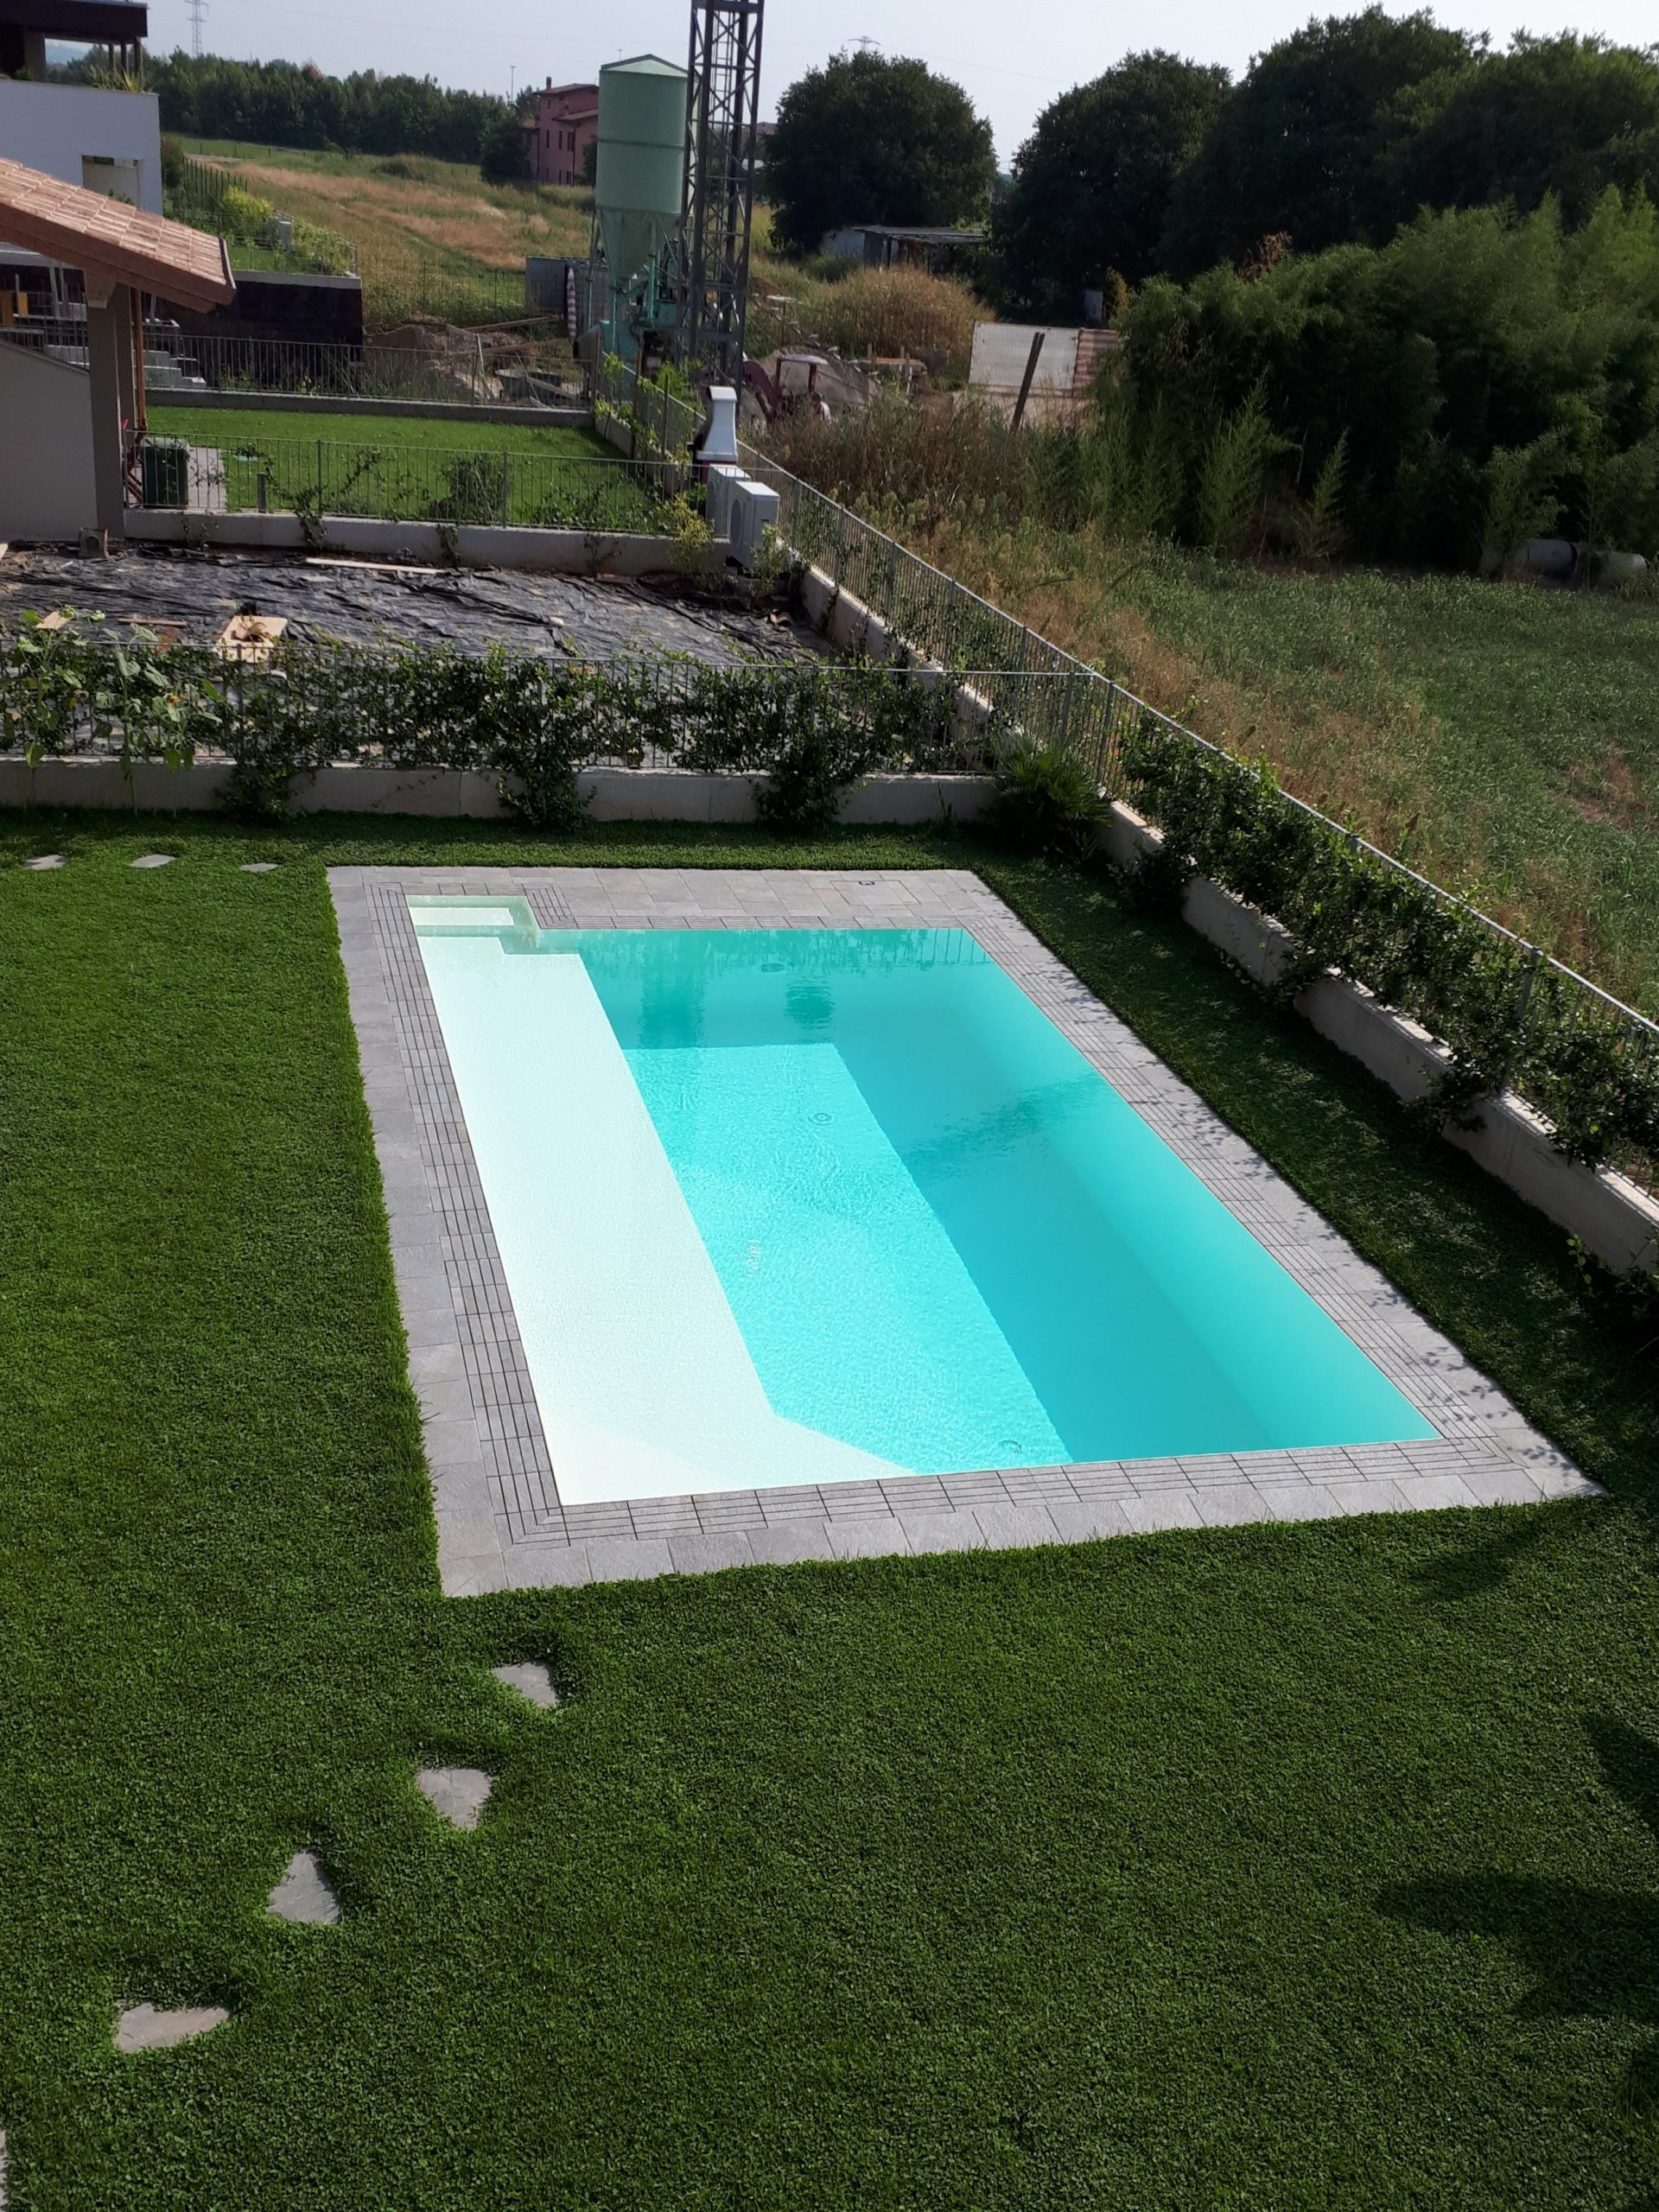 basen ogród ogrodowy mały przelewowy wykończenie